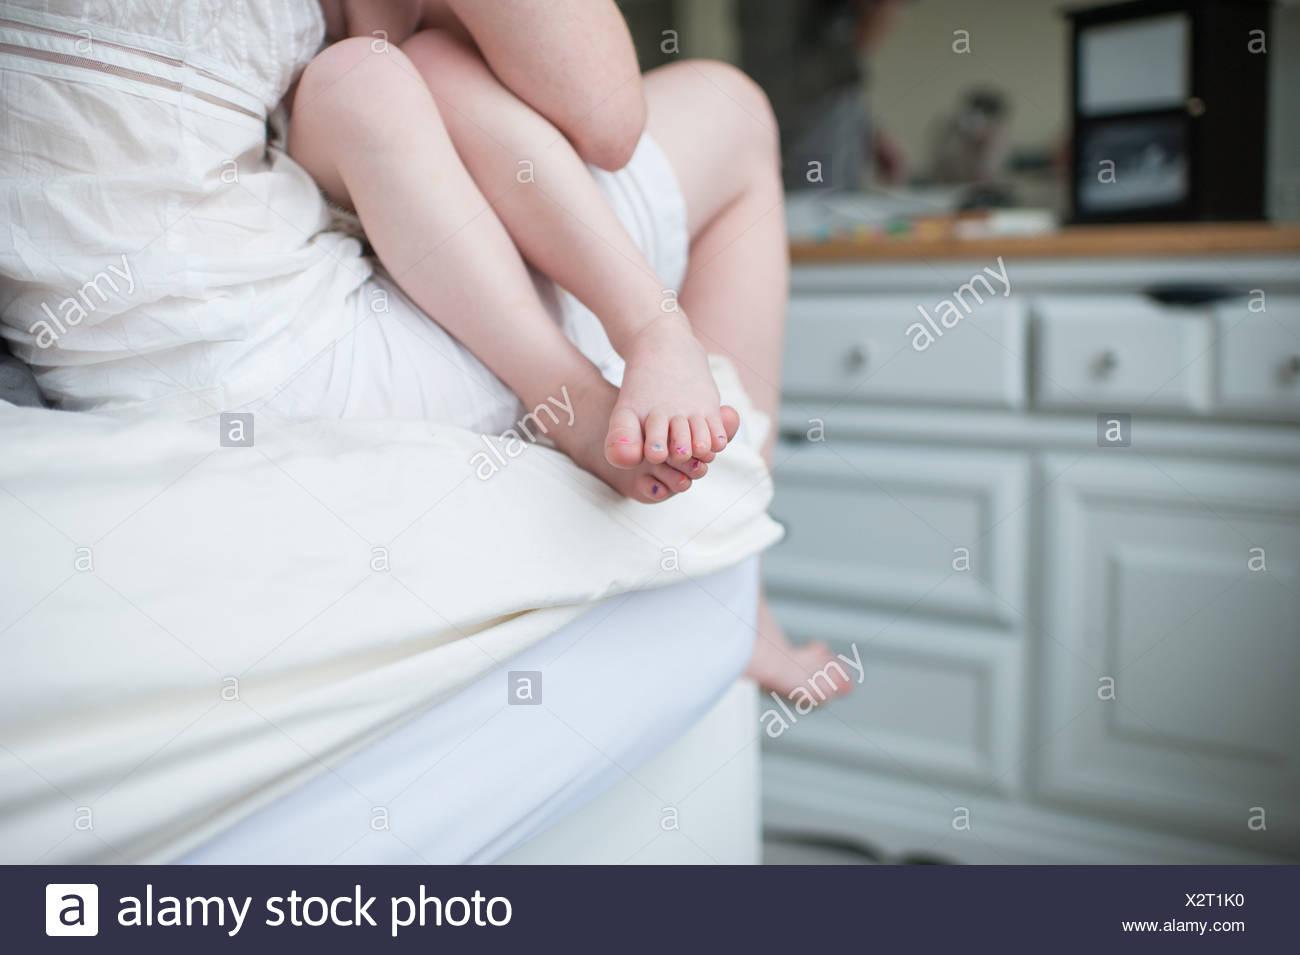 Fille assise sur mère, recadré composition des jambes nues et les pieds Photo Stock